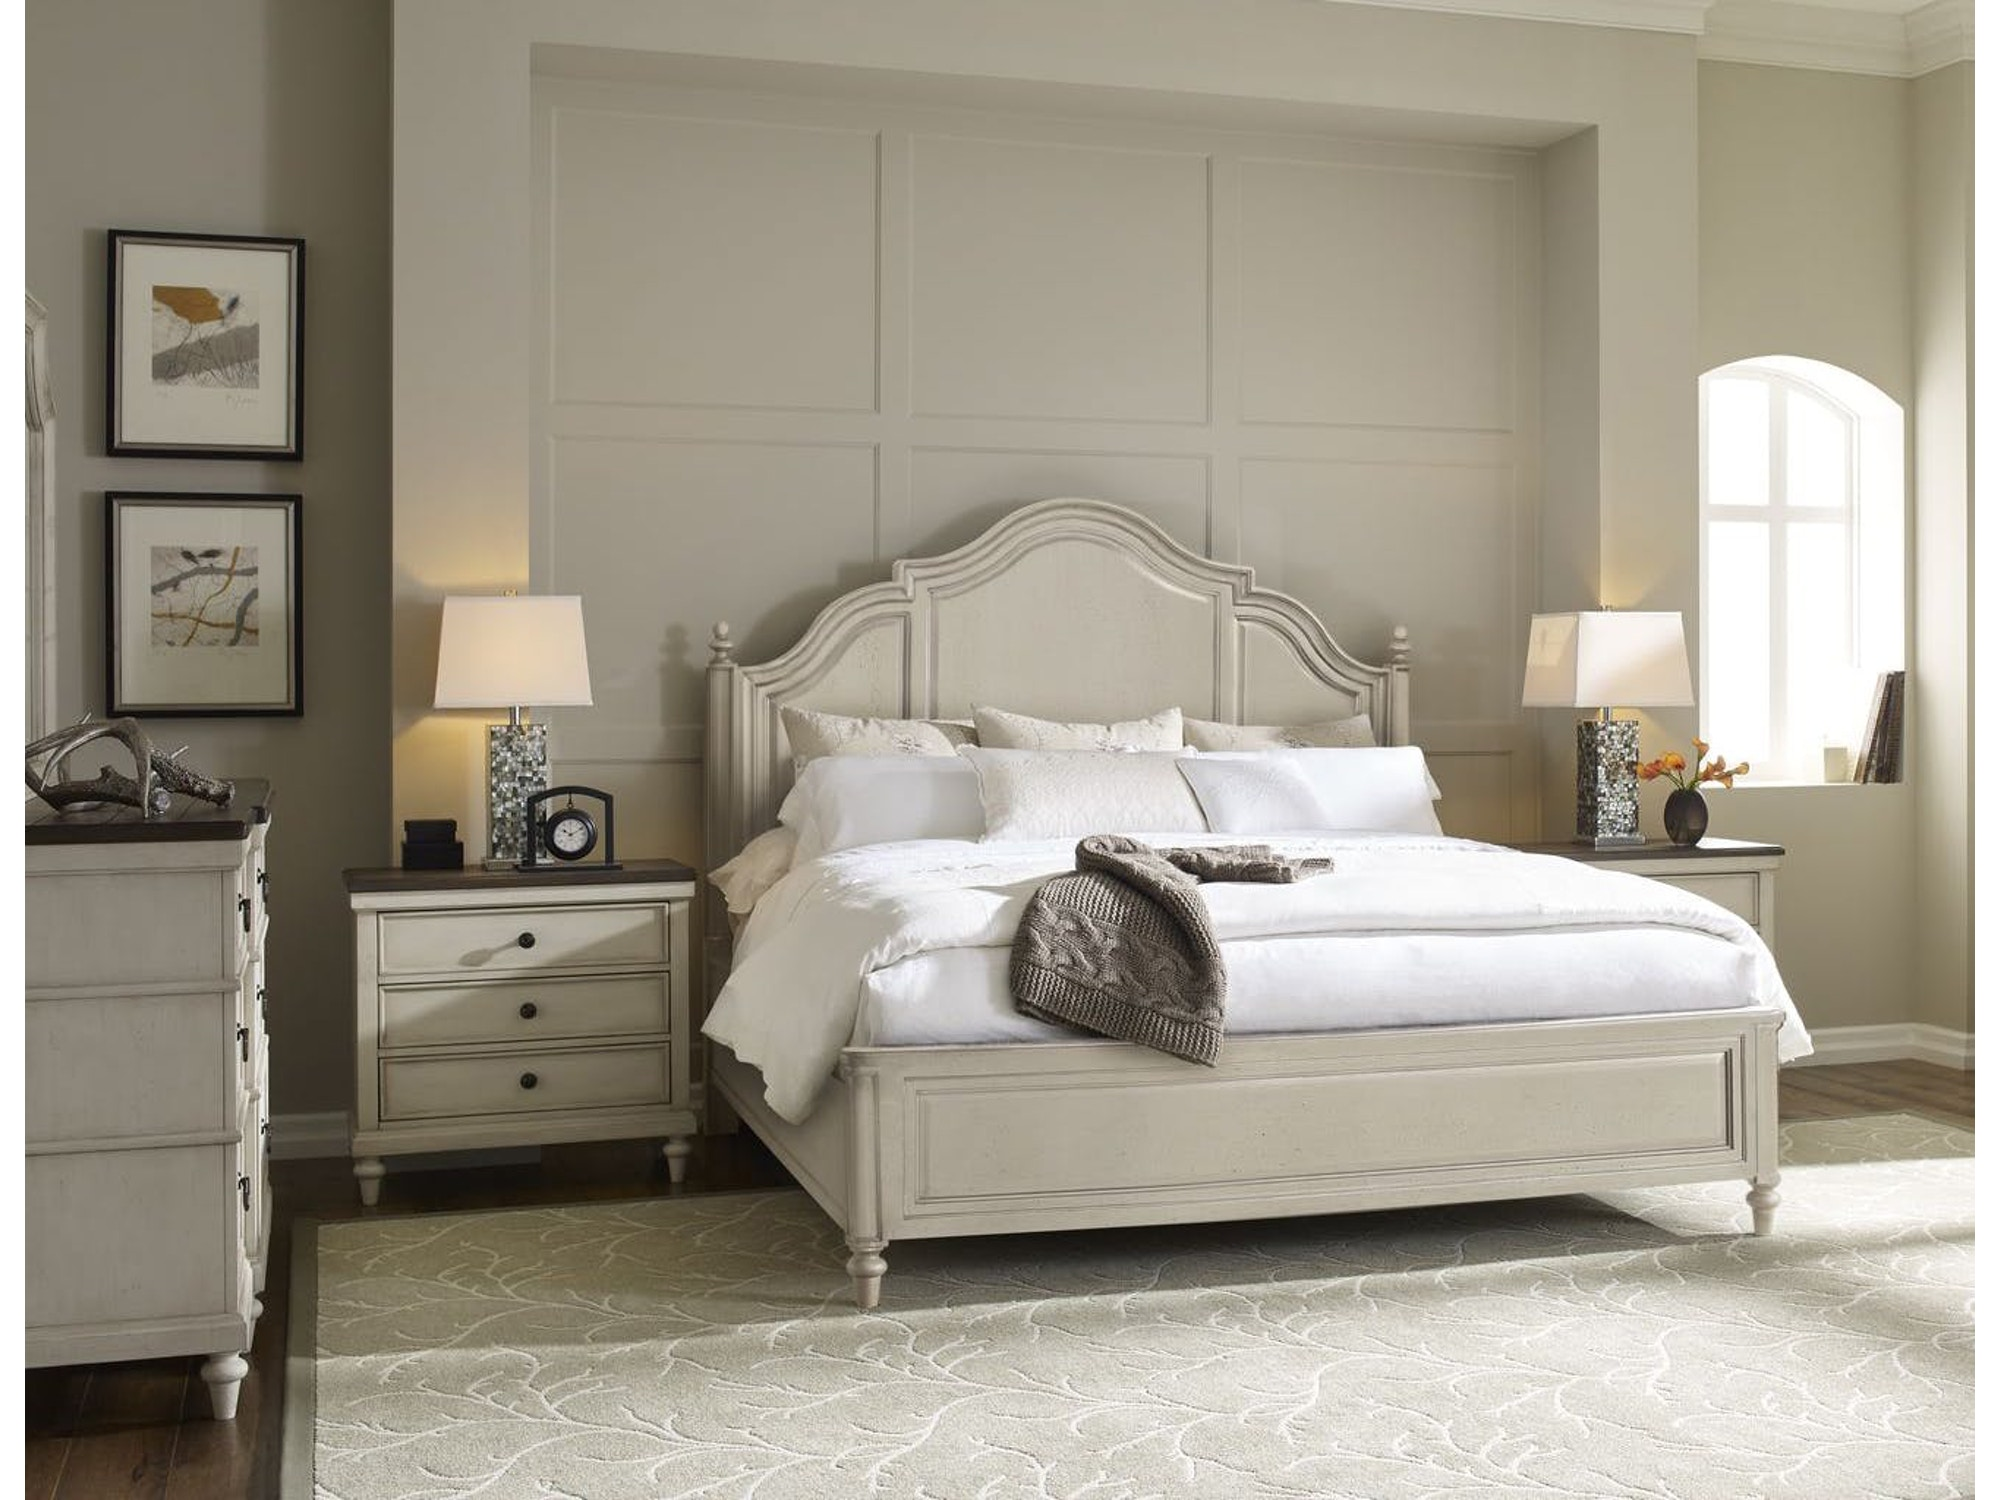 Bedroom Master Bedroom Sets Furniture Fair Cincinnati Dayton - Furniture fair bedroom sets